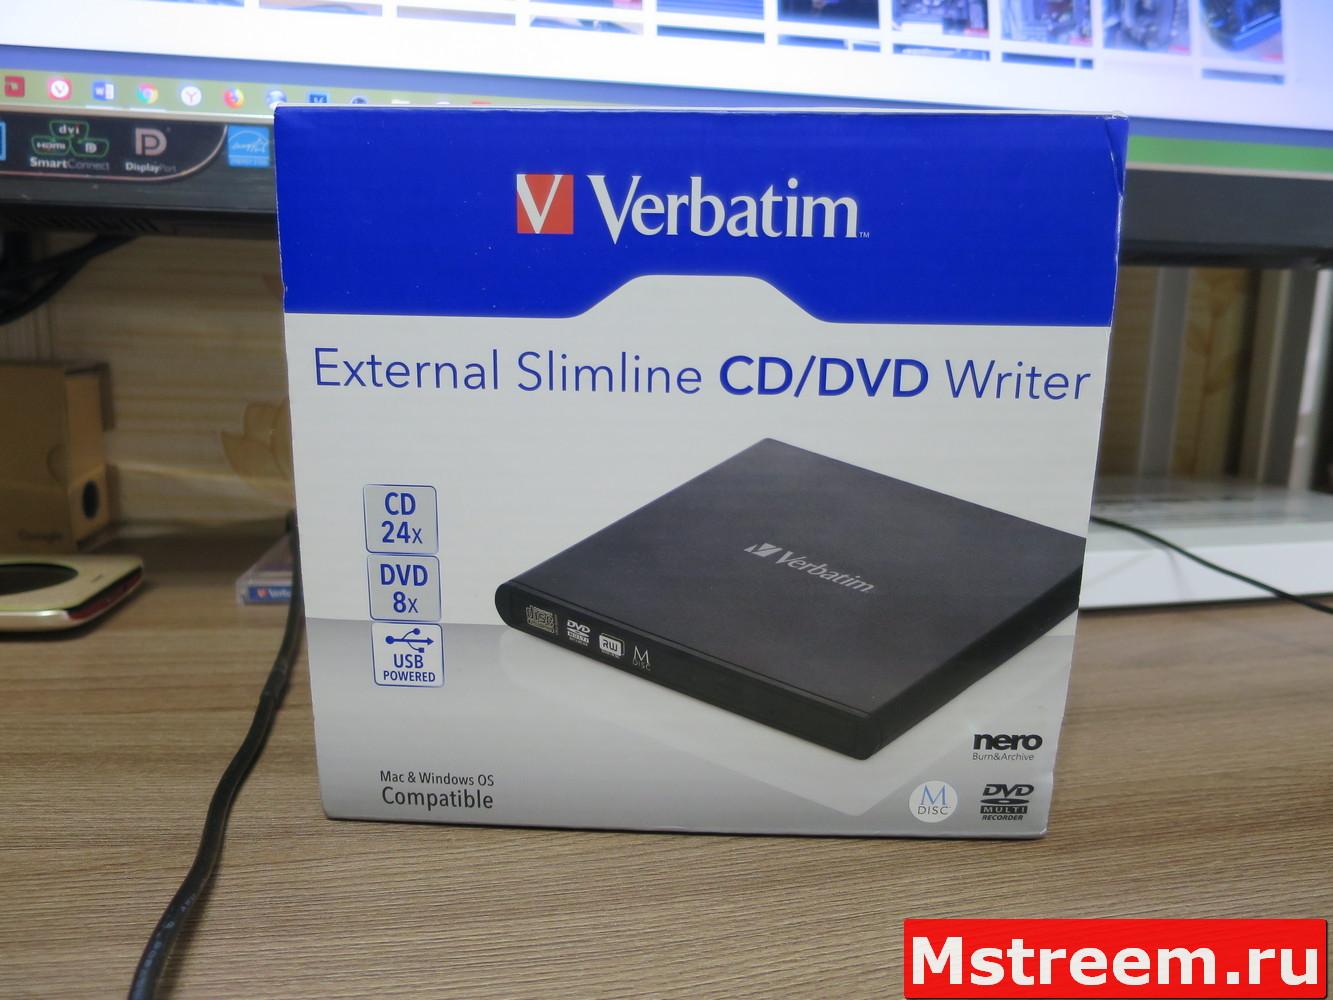 Внешний привод оптических дисков CD/DVD Verbatim